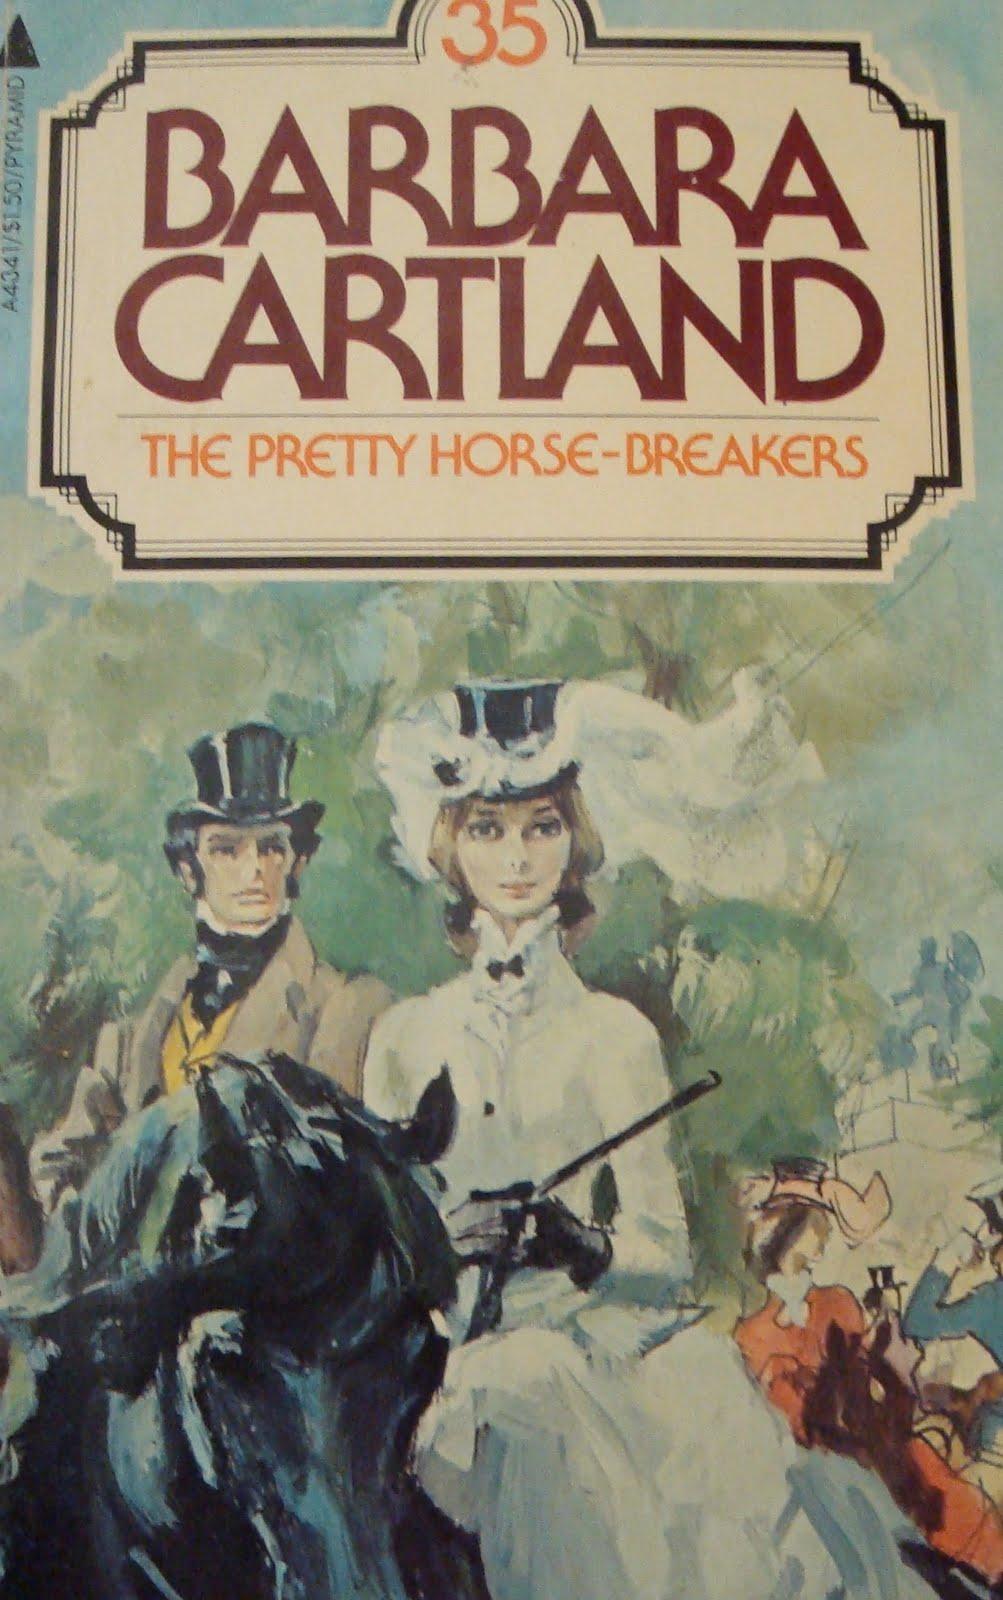 Pretty Book Cover Art ~ Barbara cartland books and cover art the pretty horse